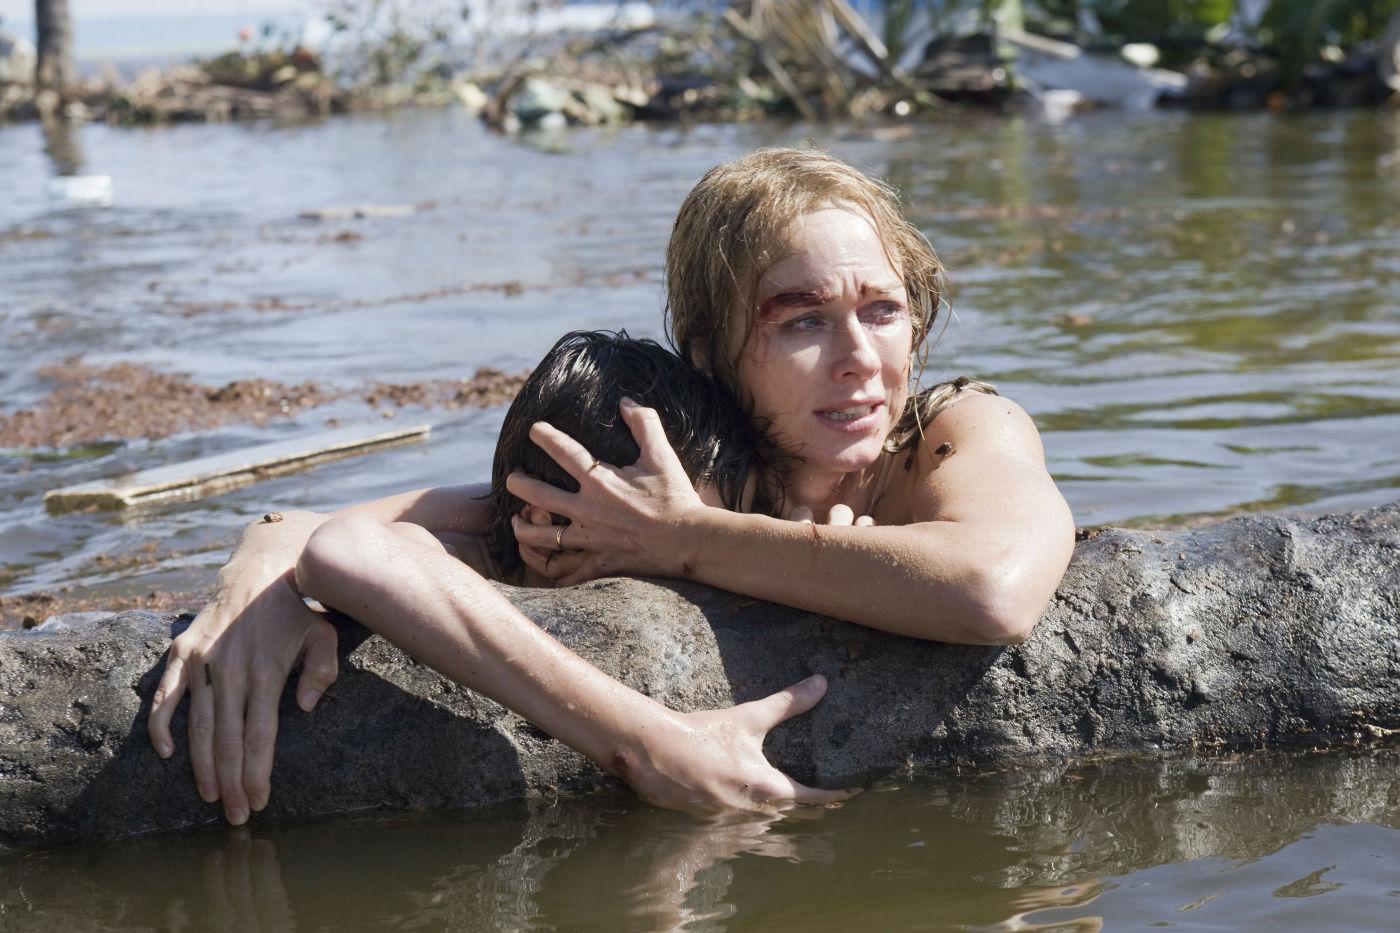 Pela segunda vez, Naomi Watts é indicada ao Oscar por um papel sofrido que deteriora sua aparência em O Impossível (photo by OutNow.CH)